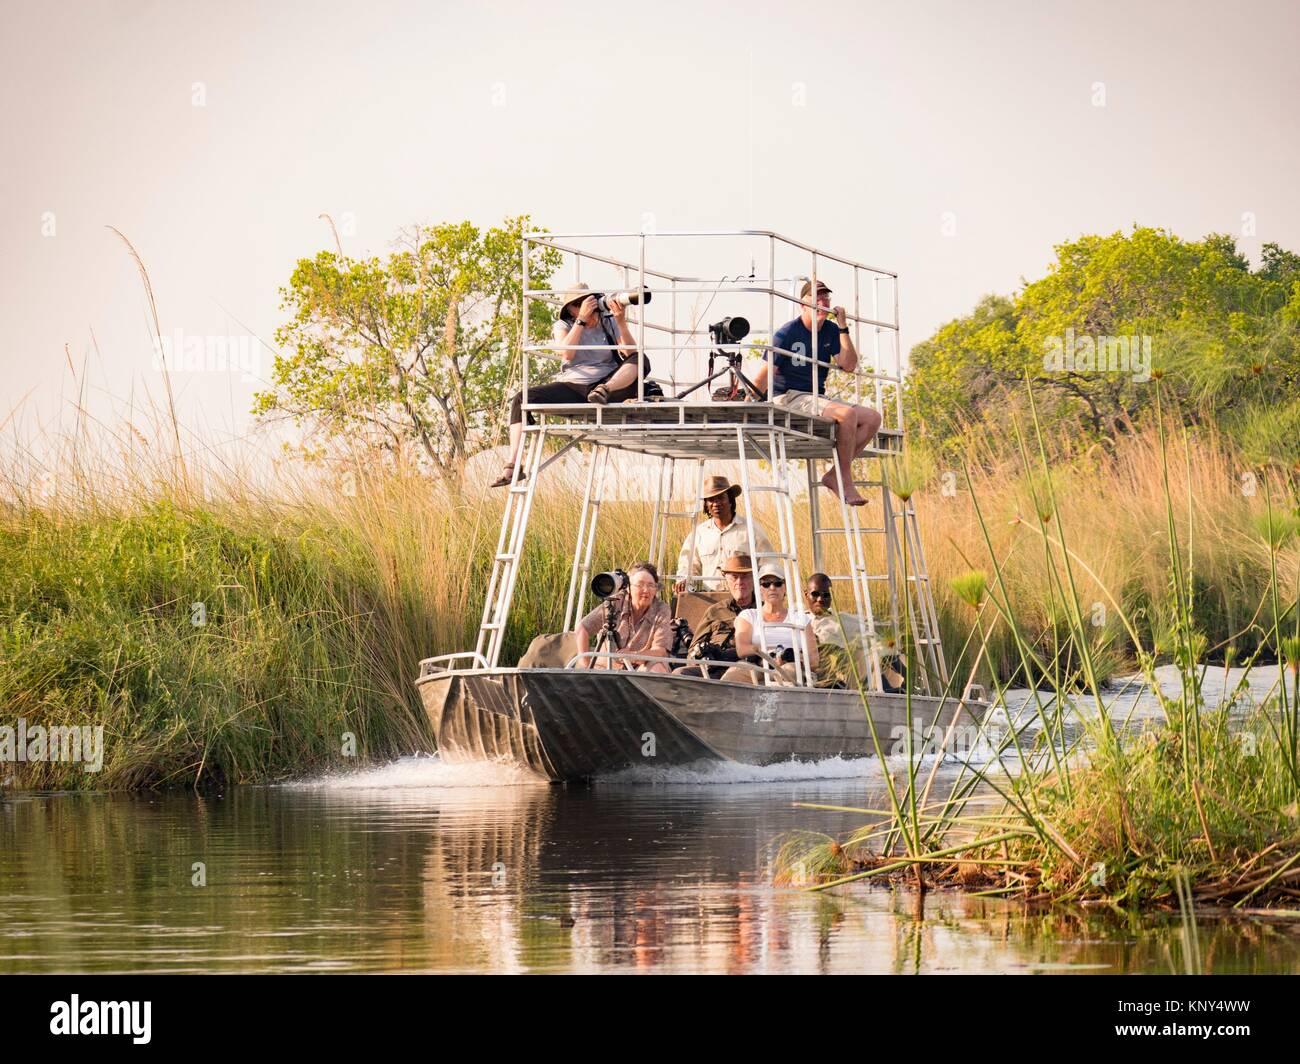 Botswana. Boat. - Stock Image